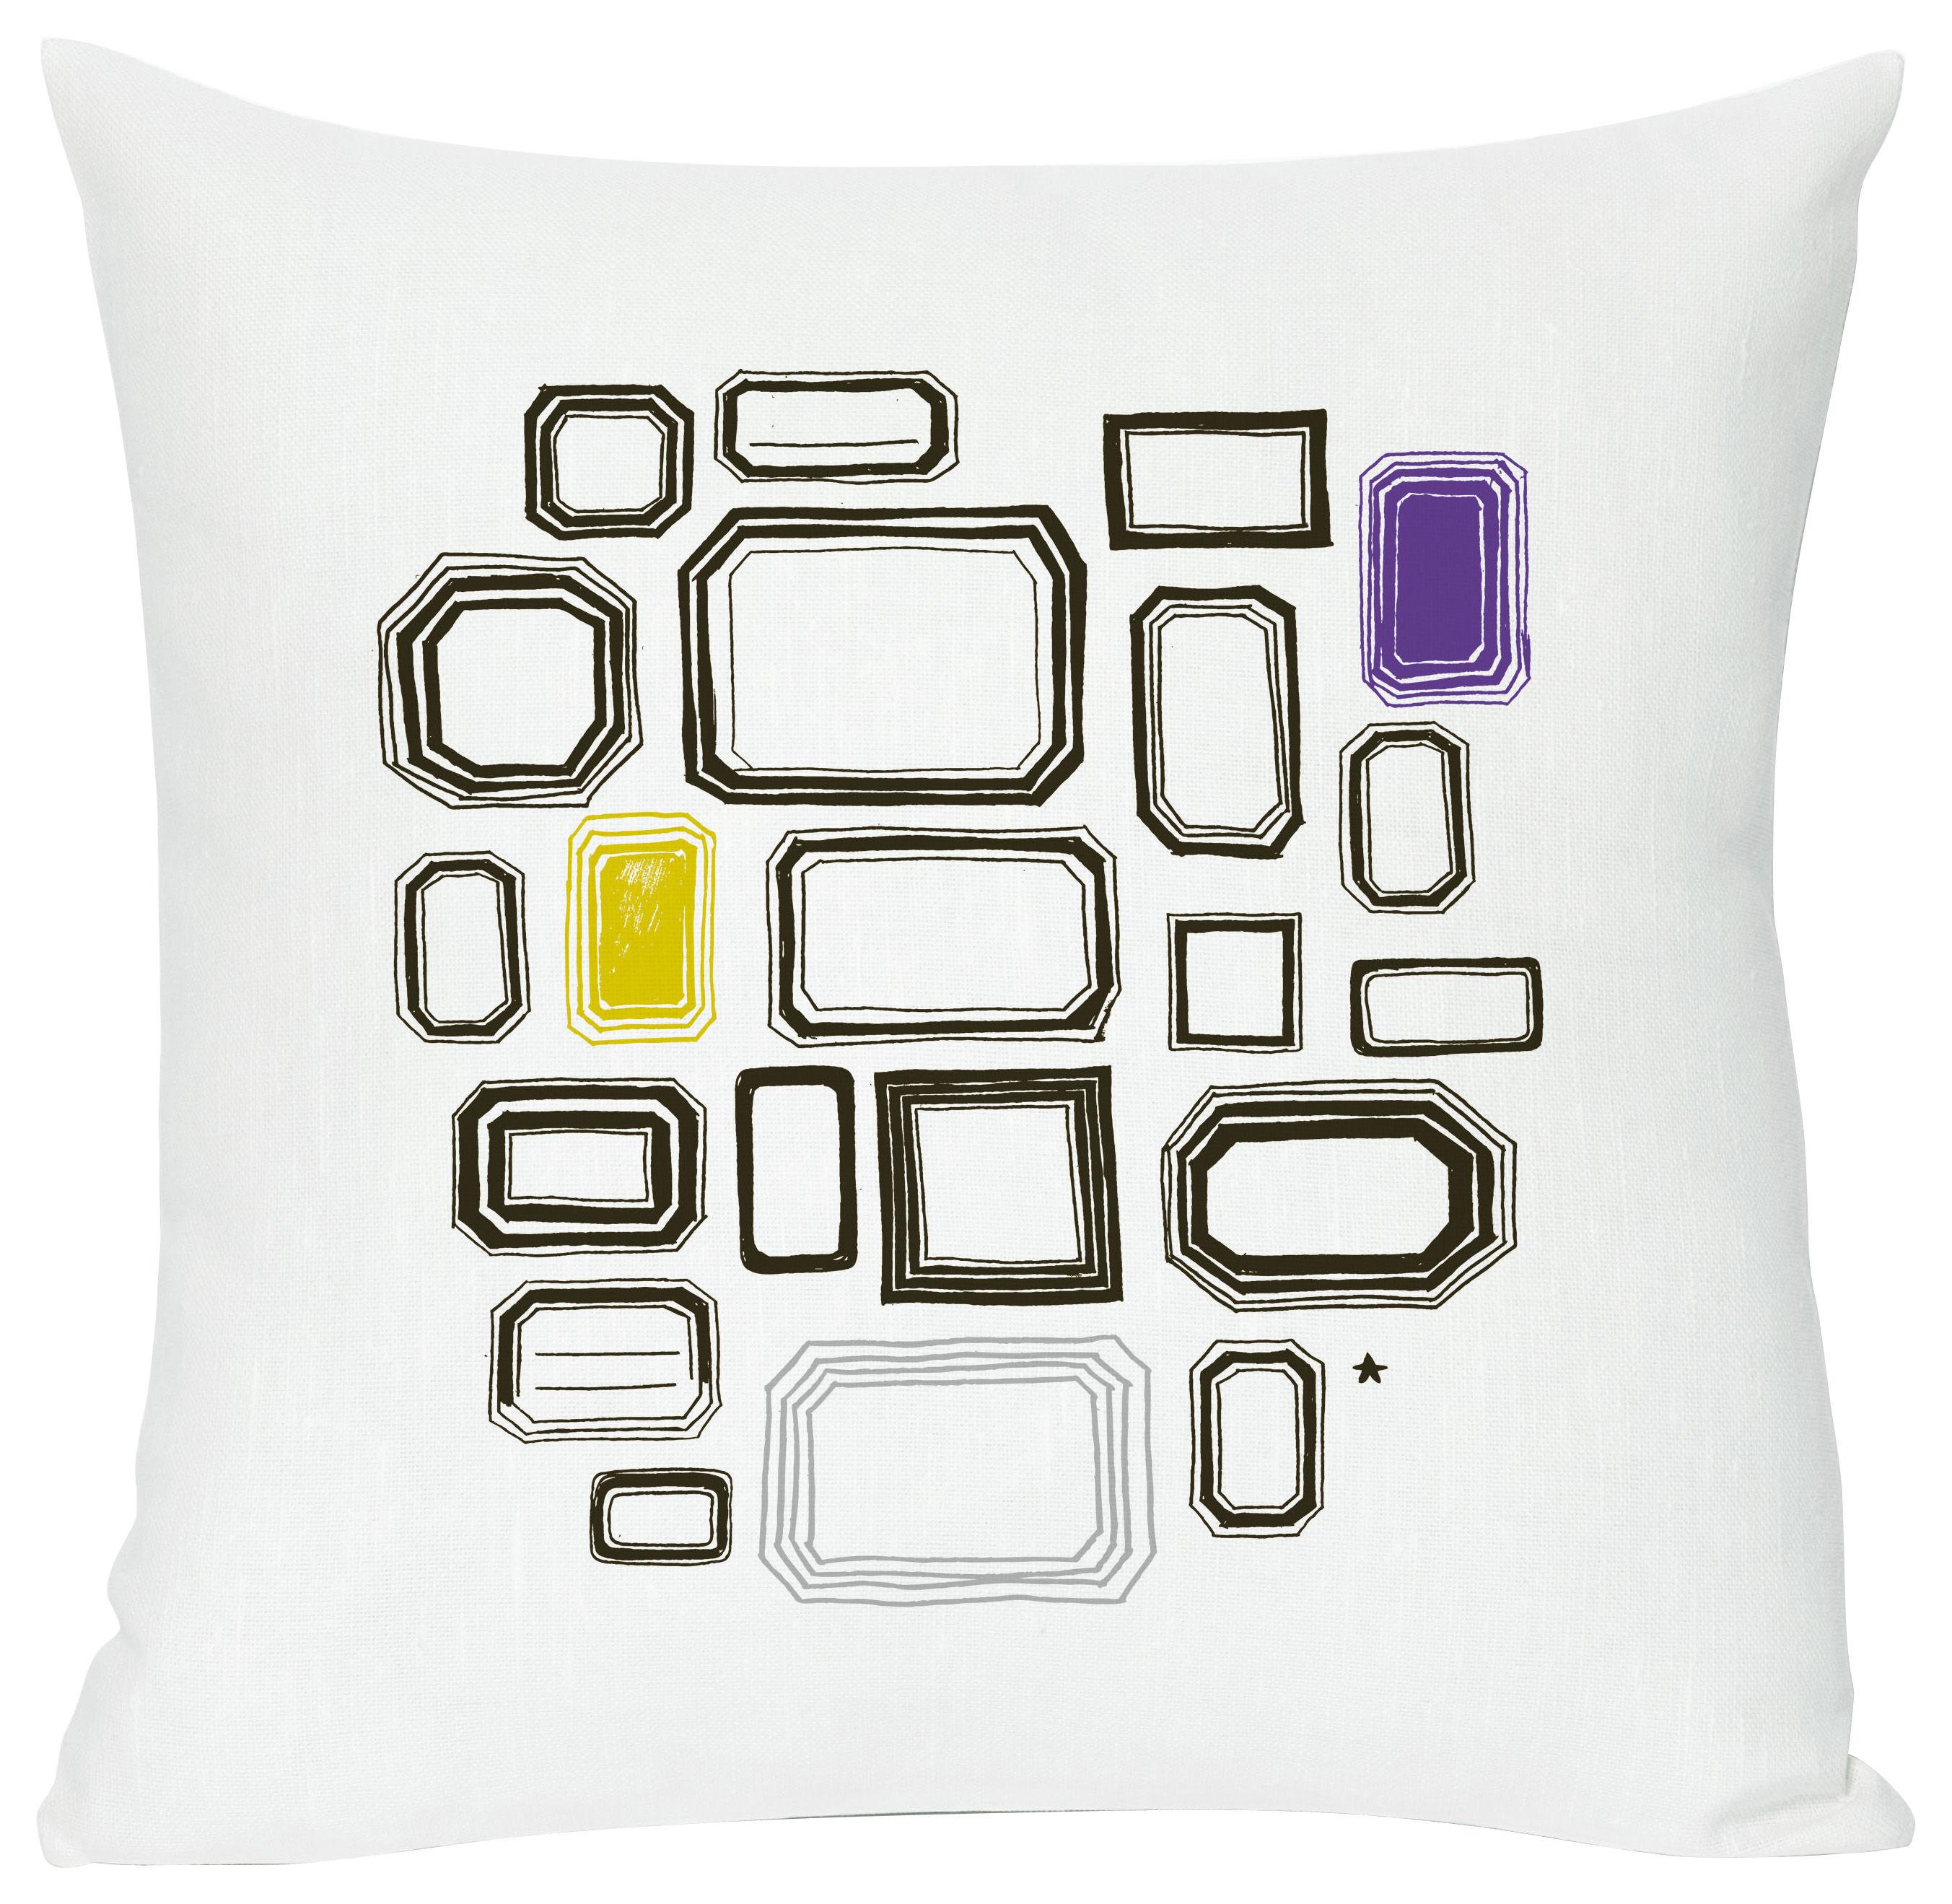 Interni - Per bambini - Cuscino Coll print di Domestic - Coll print - Bianco, nero, viola & giallo - Cotone, Lino